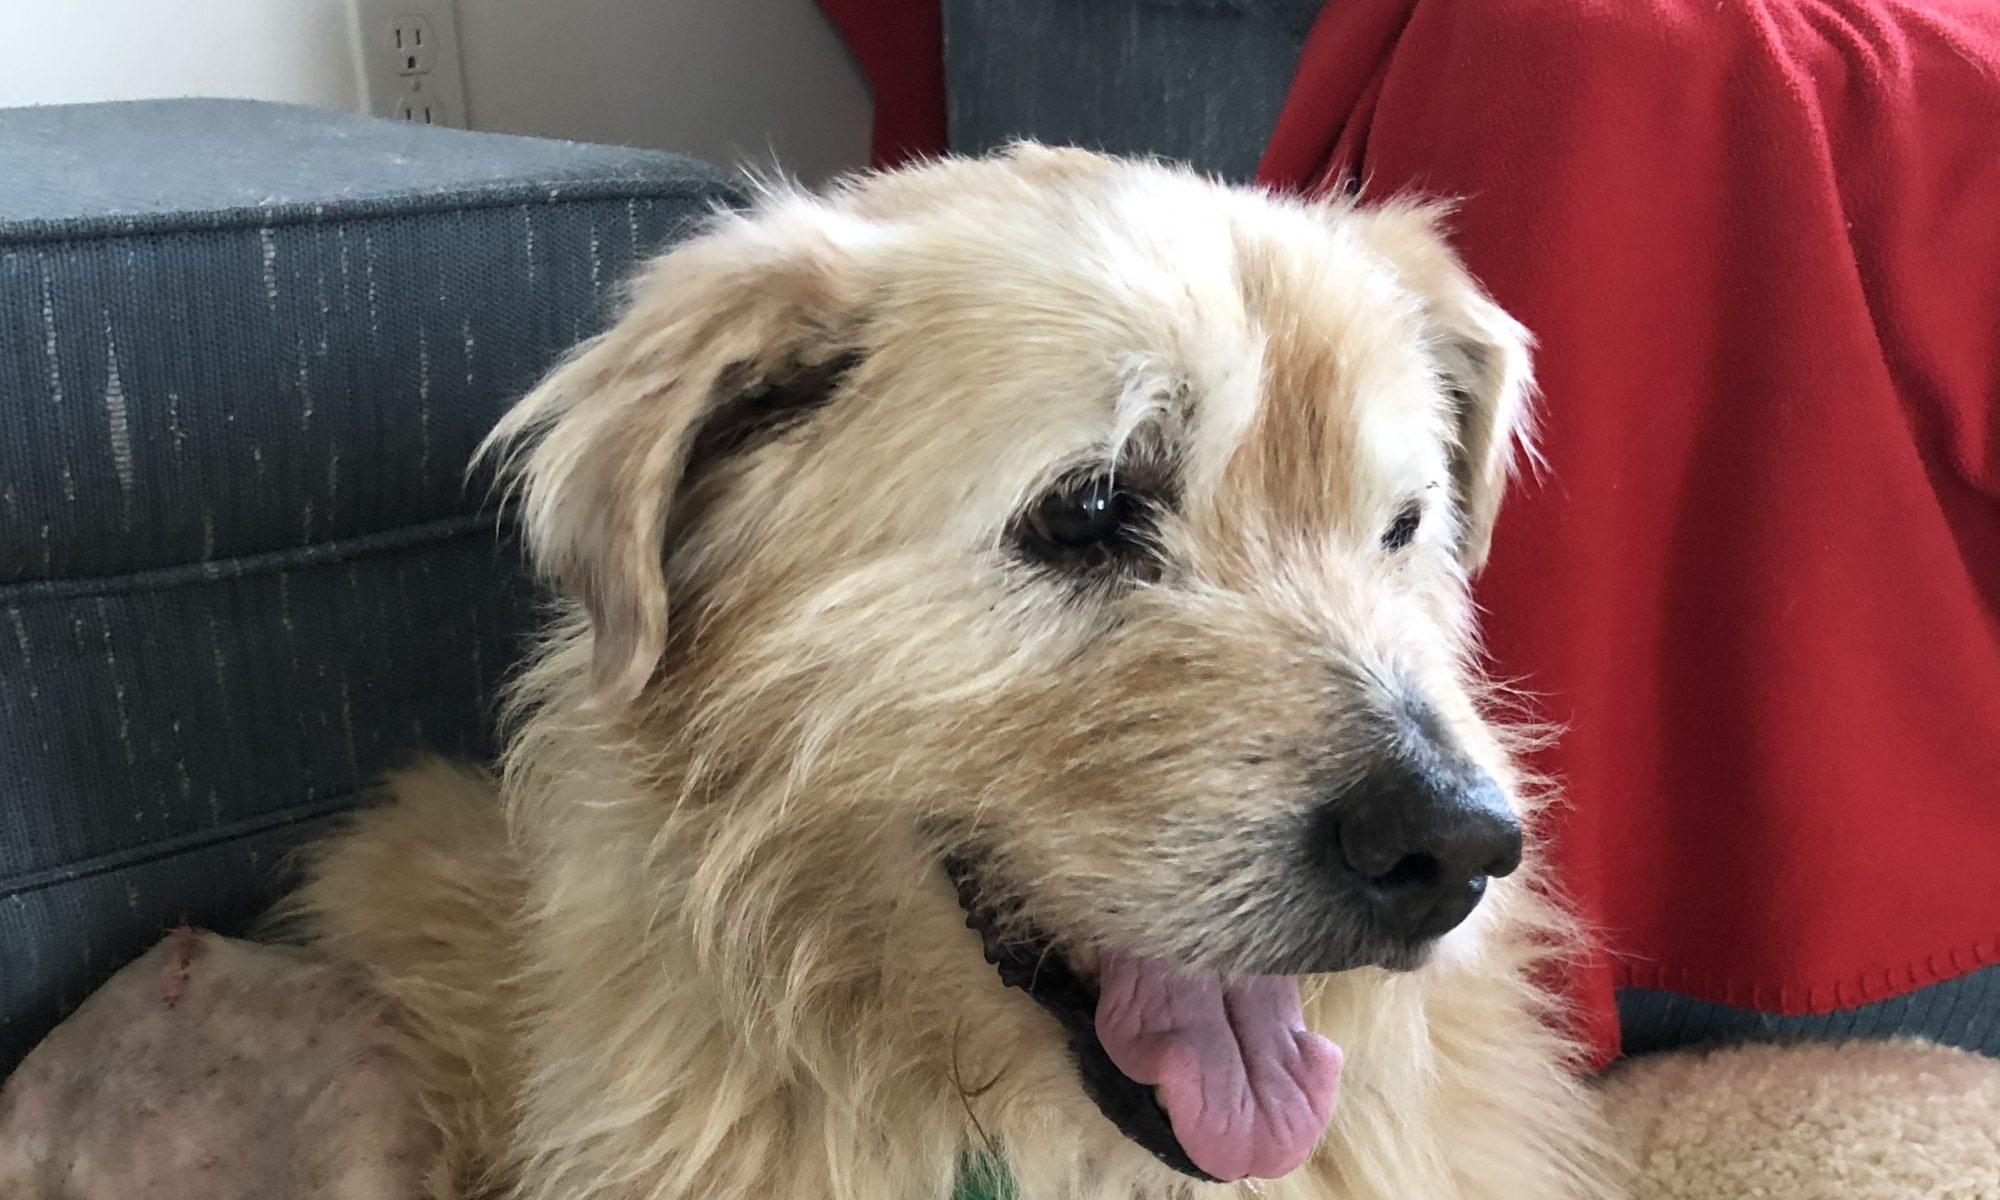 About Us – Shep's Place Senior Dog Sanctuary